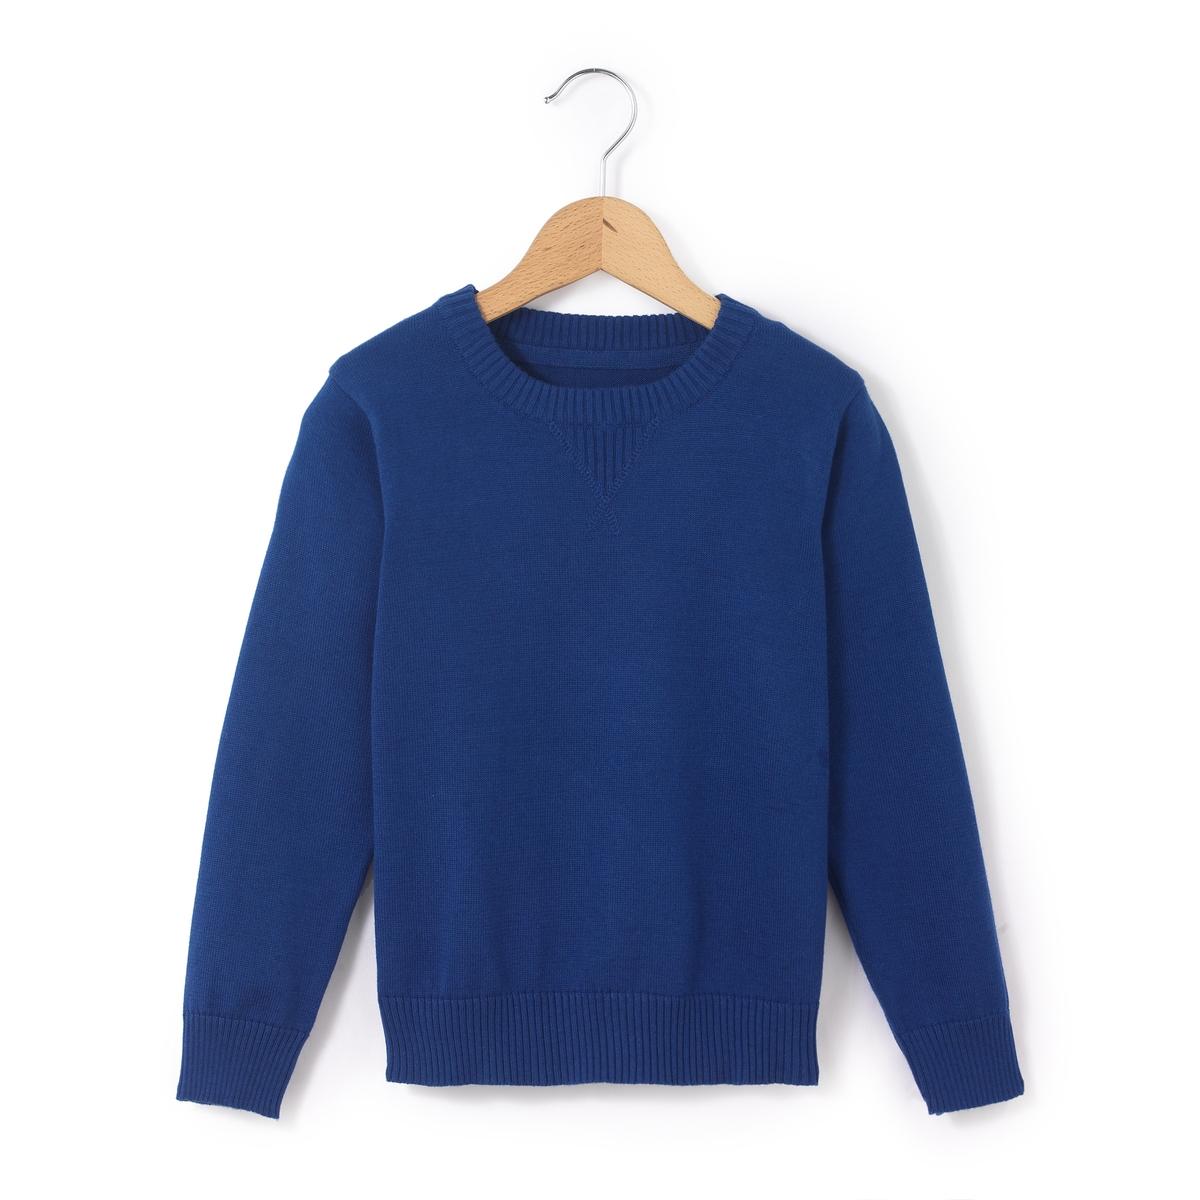 Пуловер однотонный с круглым вырезом, 3-12 лет